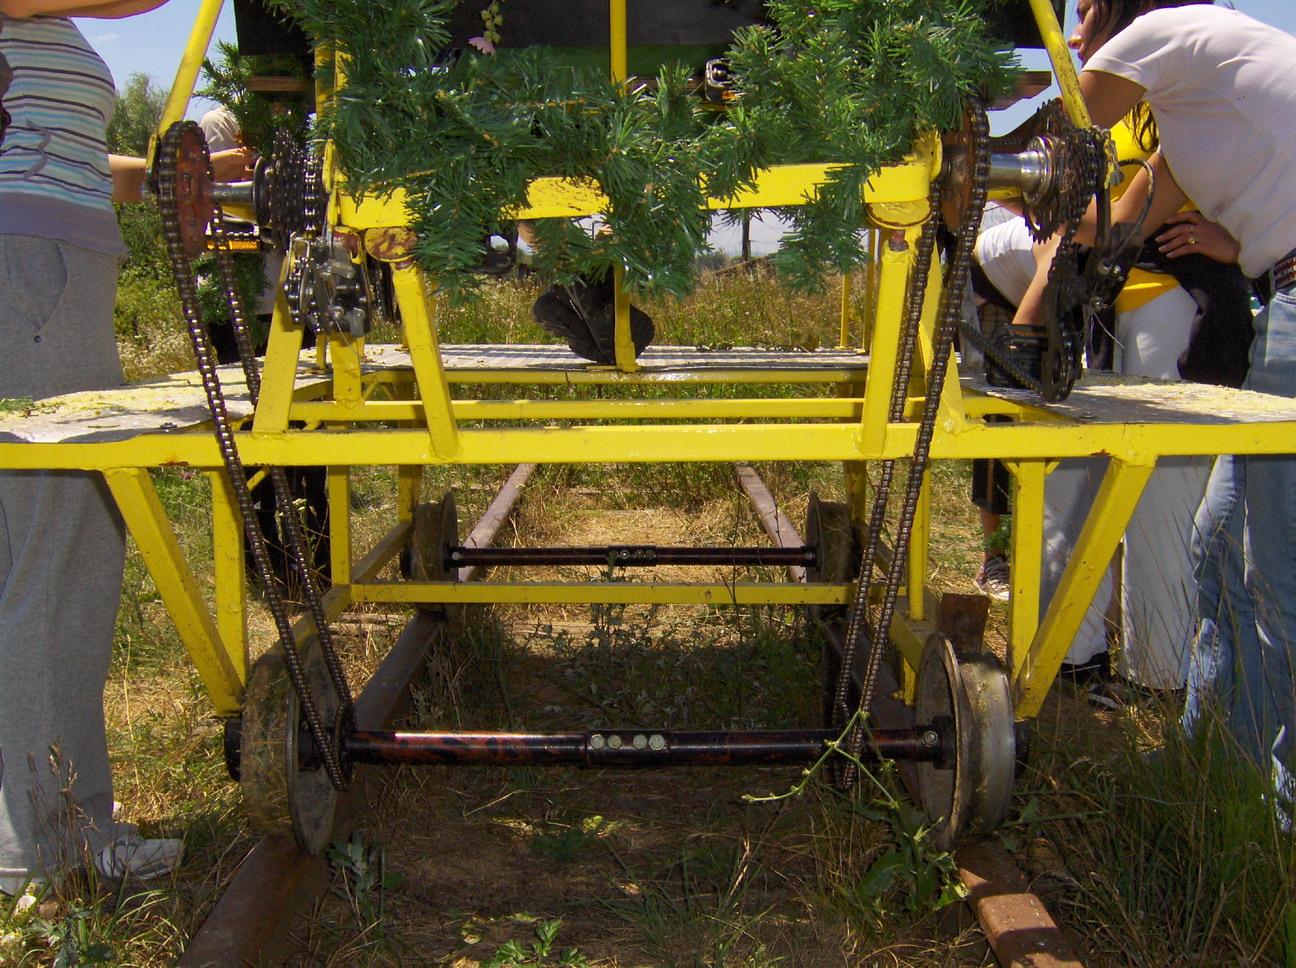 Auf den Spuren der alten Schmalspurbahn. Abenteuer mit der Fahrrad Draisine